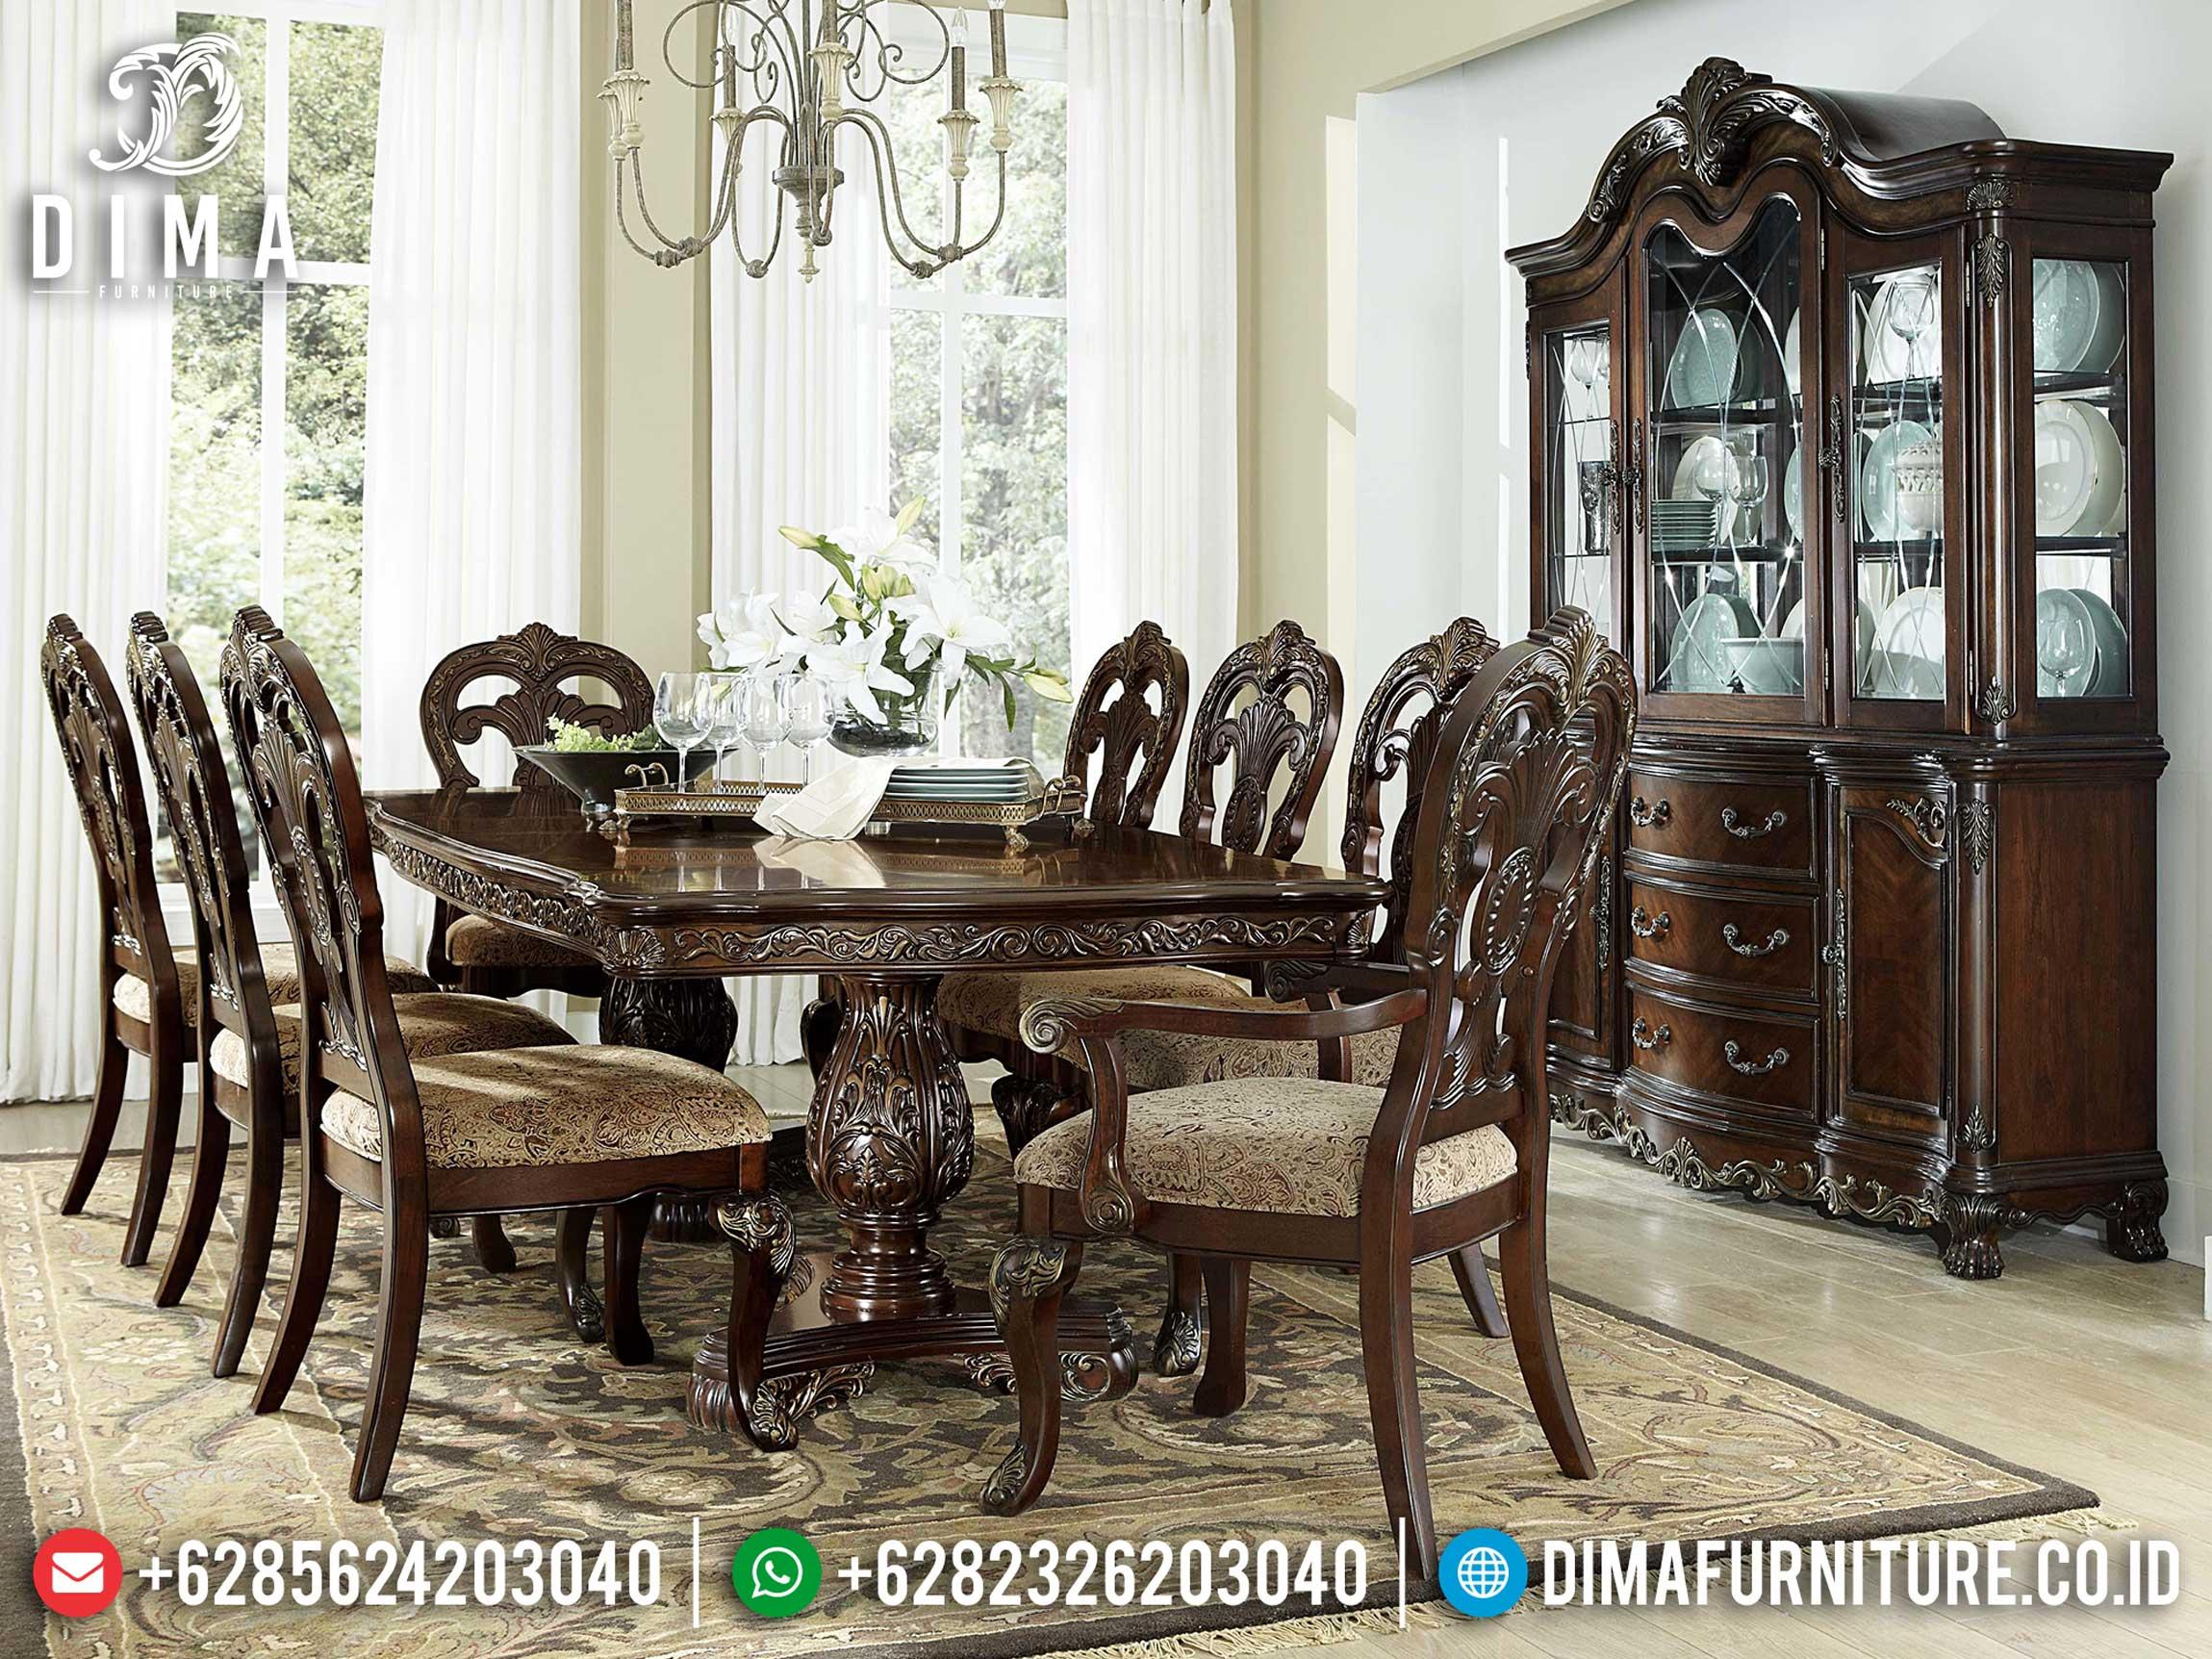 Meja Makan Minimalis Klasik Luxury Carving Best Seller Product Jepara ST-0931